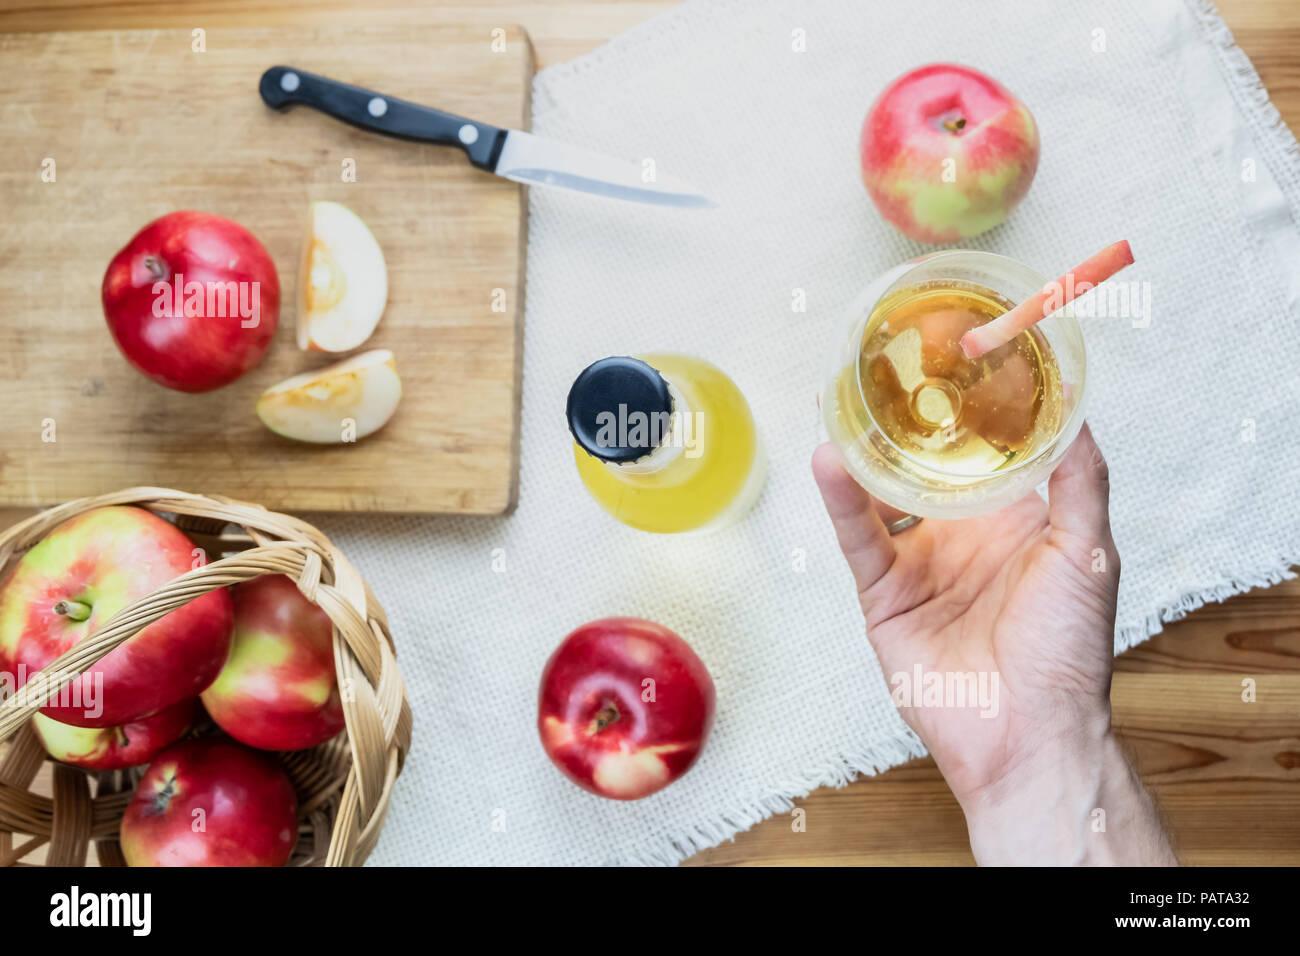 Vista superiore del mature mele succose e bicchiere di sidro drink sulla tavola in legno rustico. Il punto di vista della mano che tiene il vetro di una casa fatta di sidro e di crescere localmente Immagini Stock